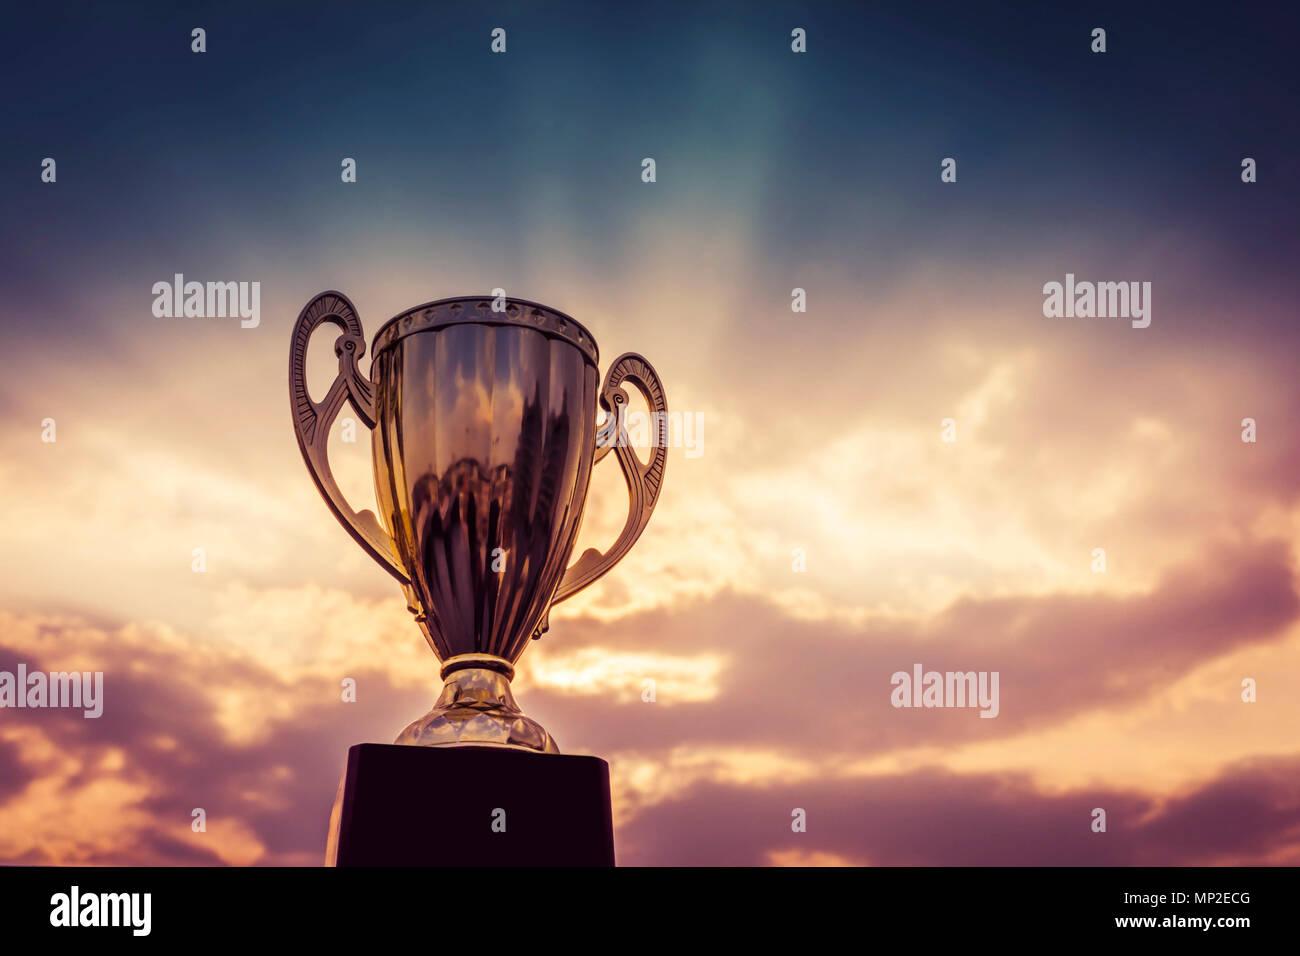 Vincitore del trofeo su sfondo cielo Immagini Stock